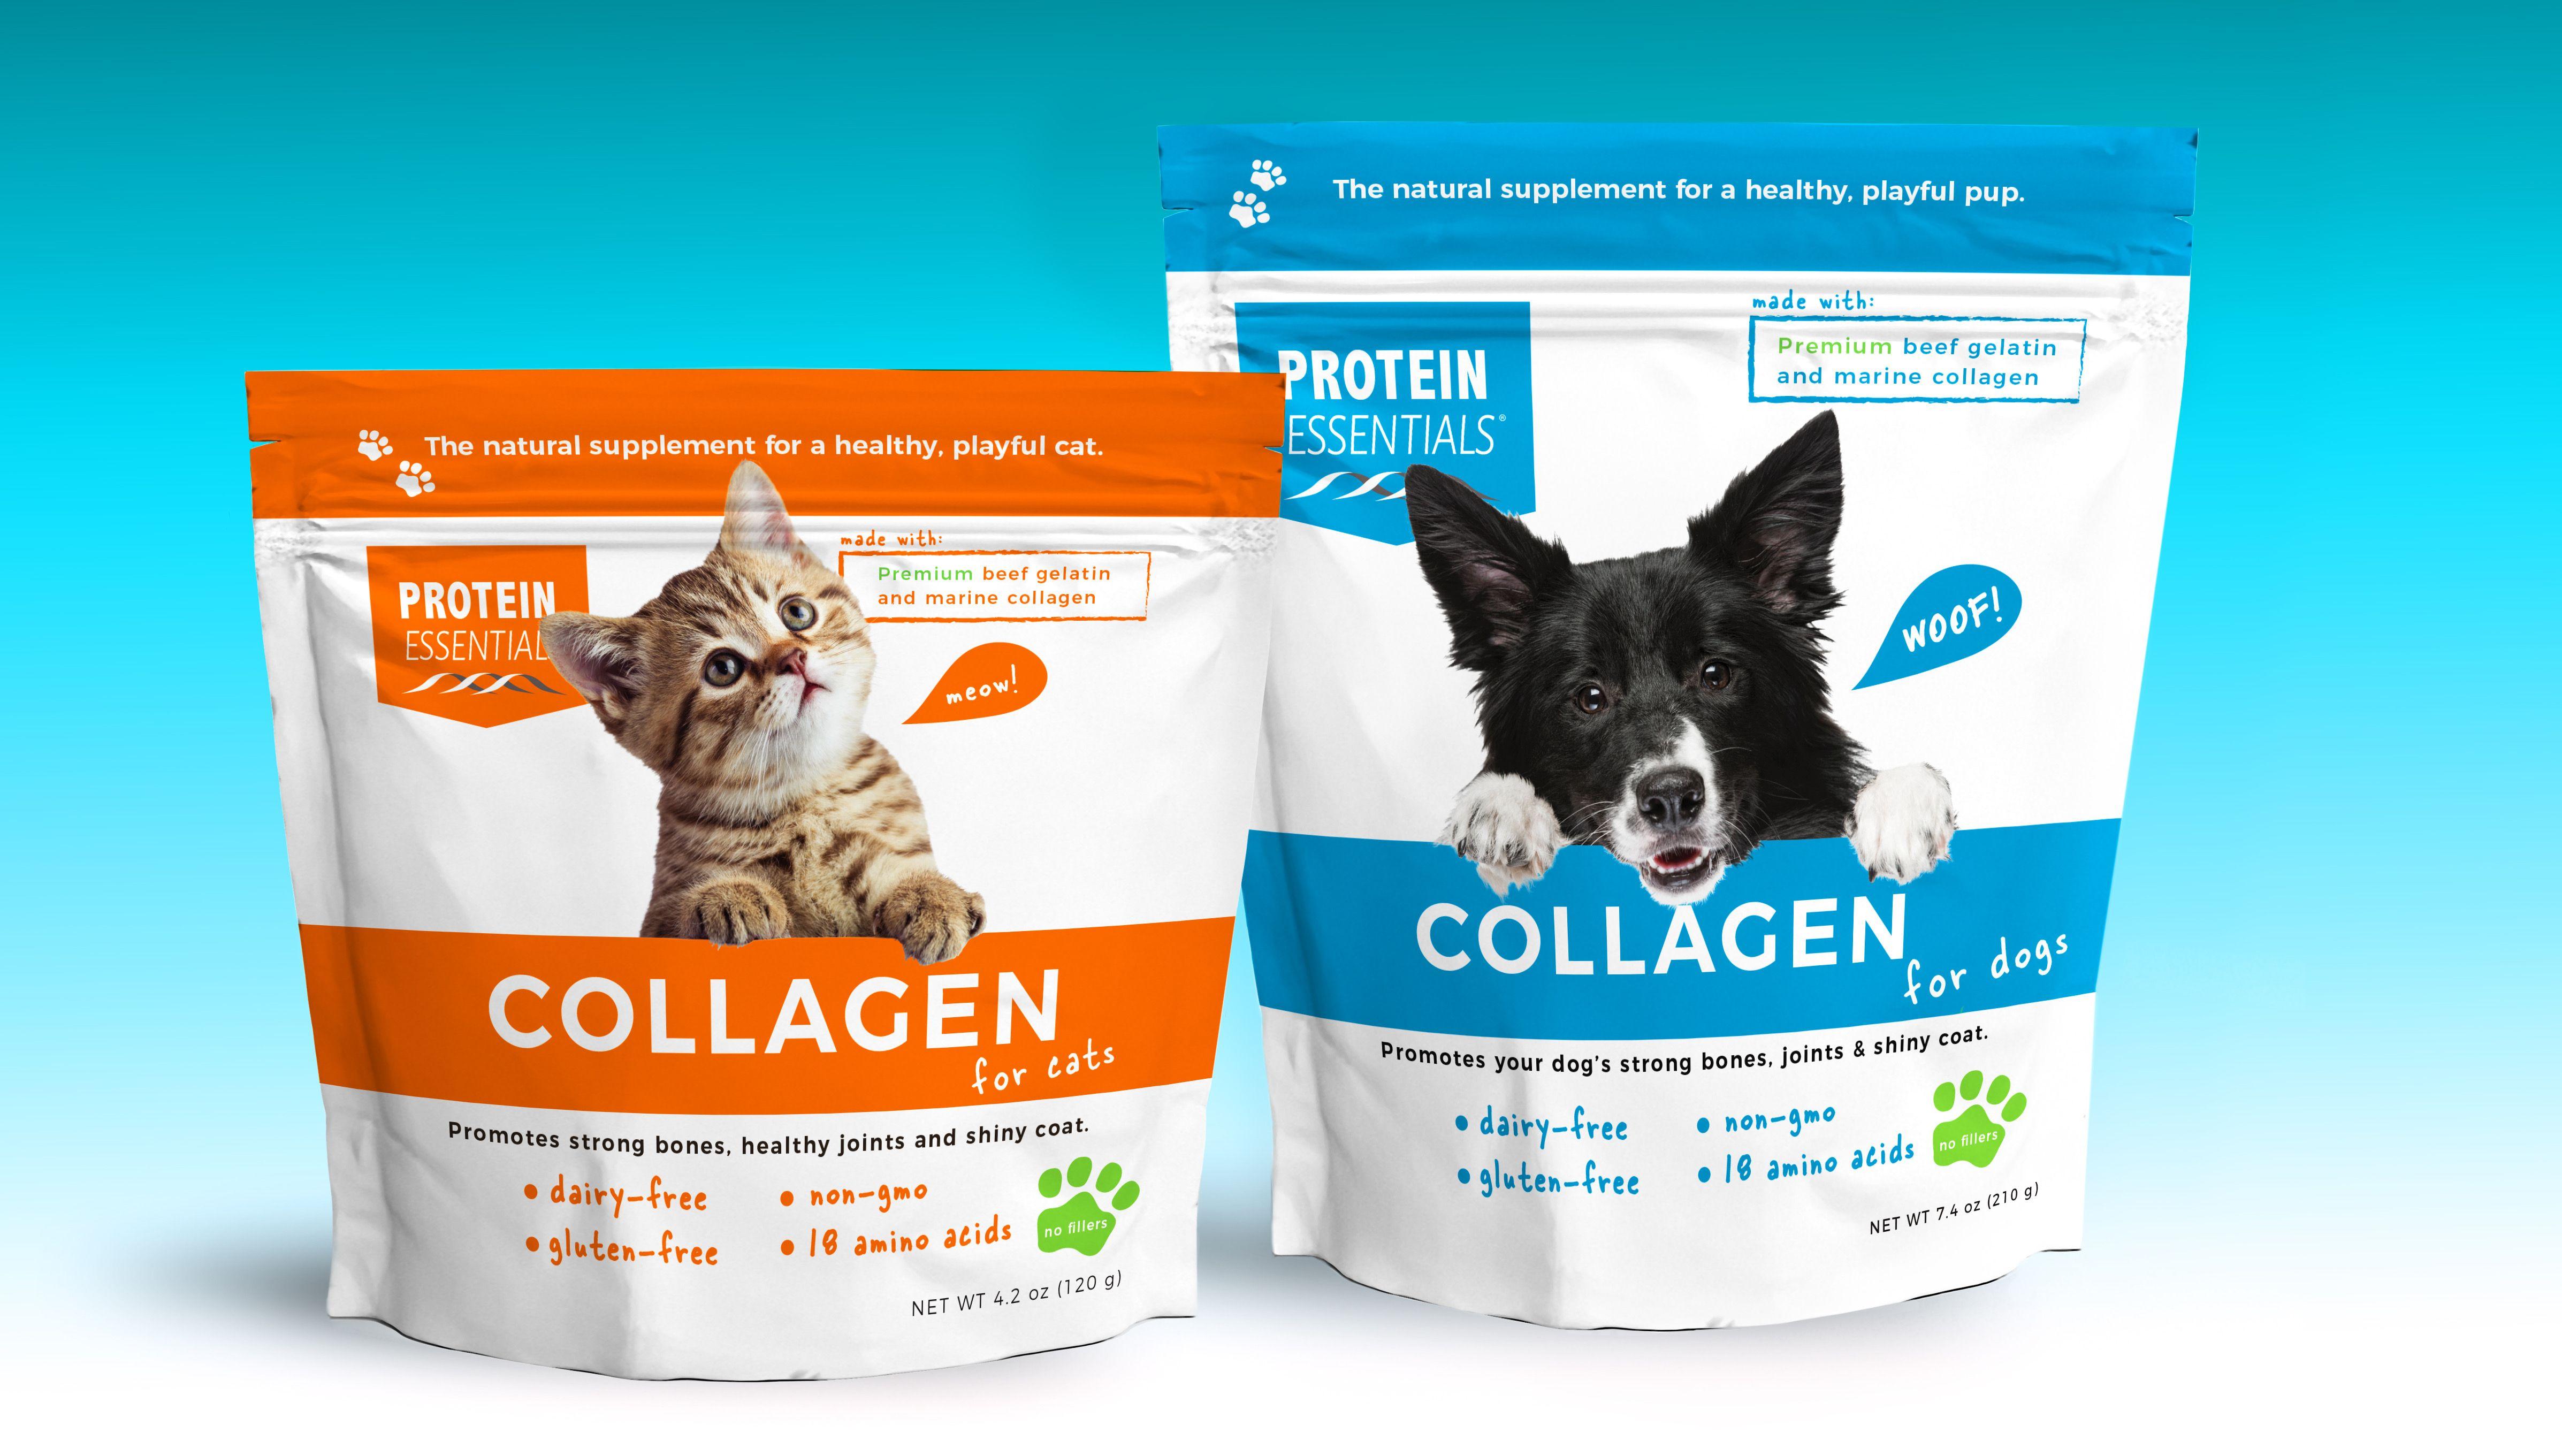 Collagen for your pets collagen pet diet healthy bones